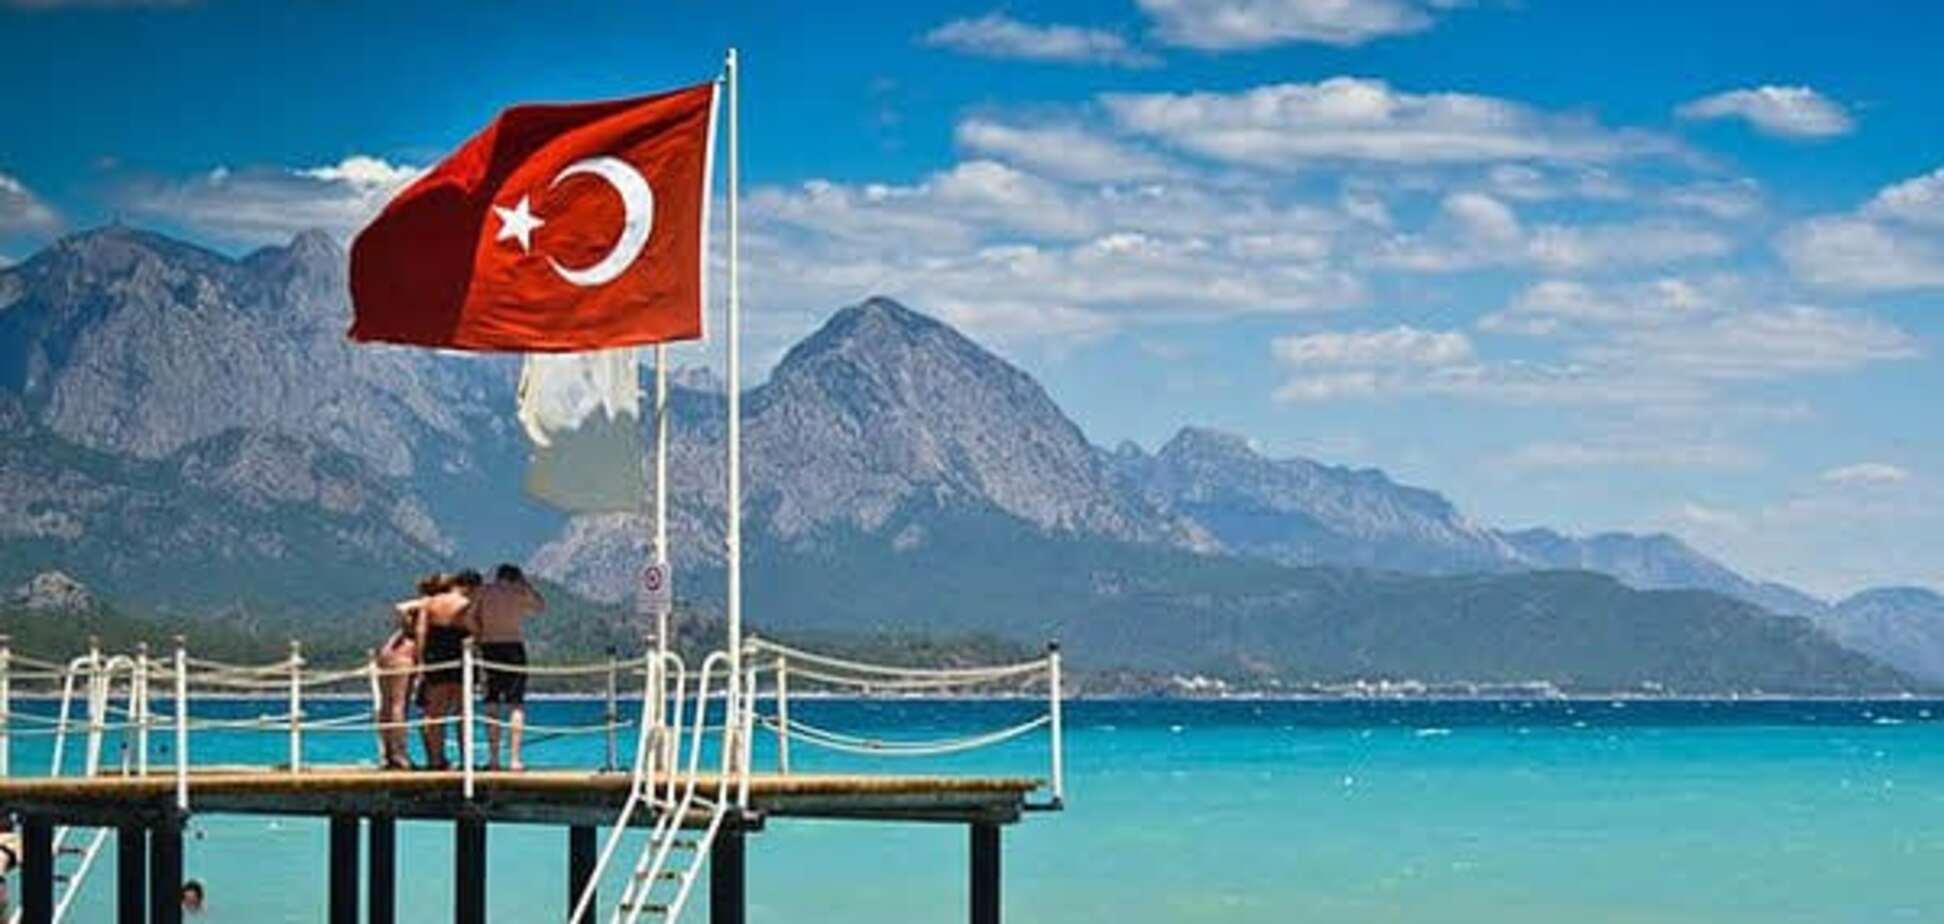 Диван vs Туреччина: інфографіка про відпочинок росіян підірвала соцмережі